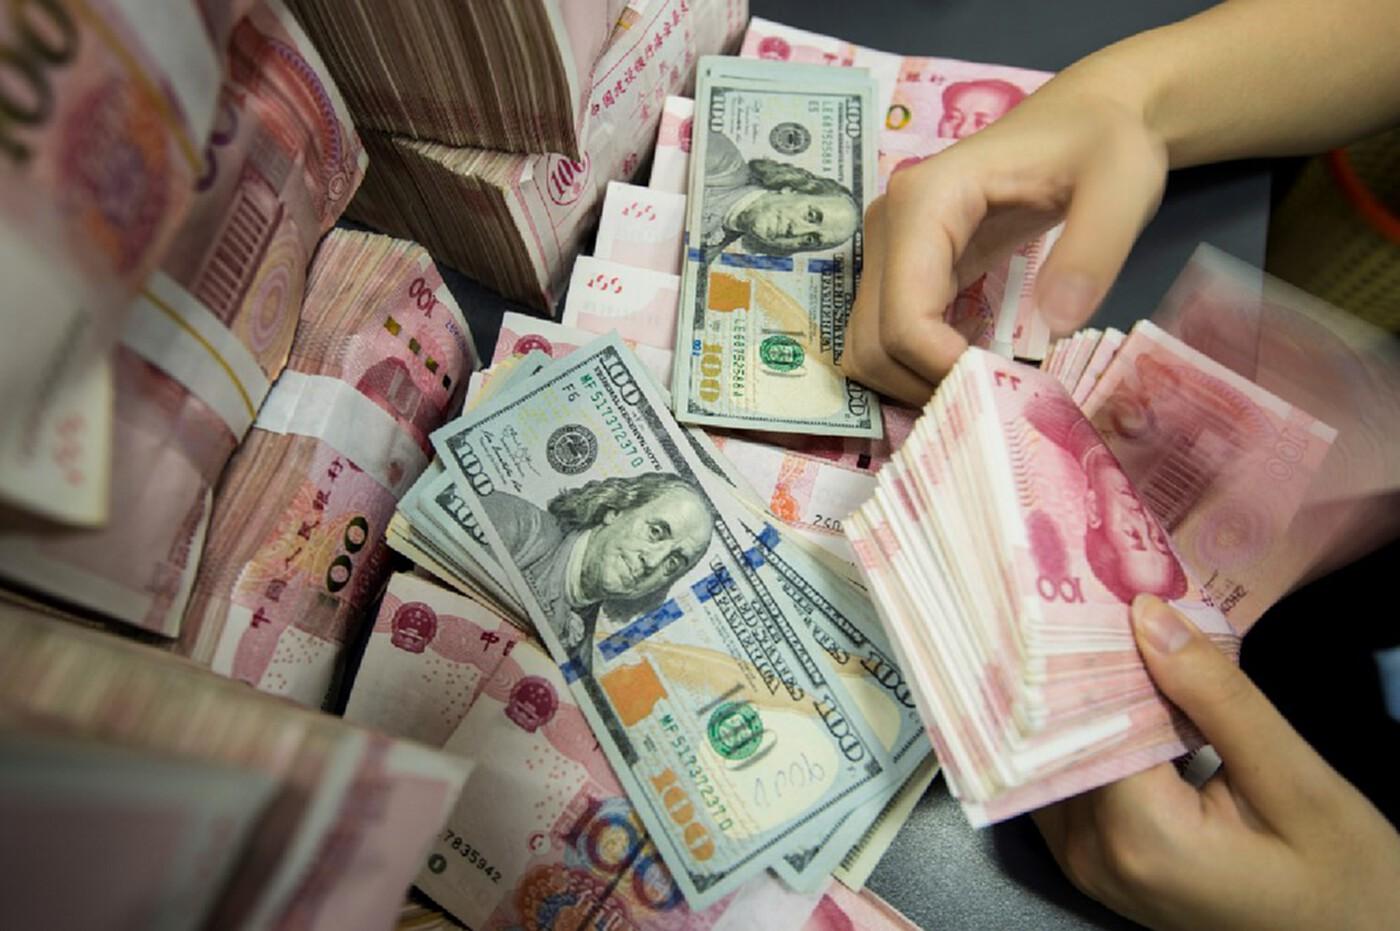 ดอลลาร์แข็งค่าเหตุเป็นสกุลเงินปลอดภัย